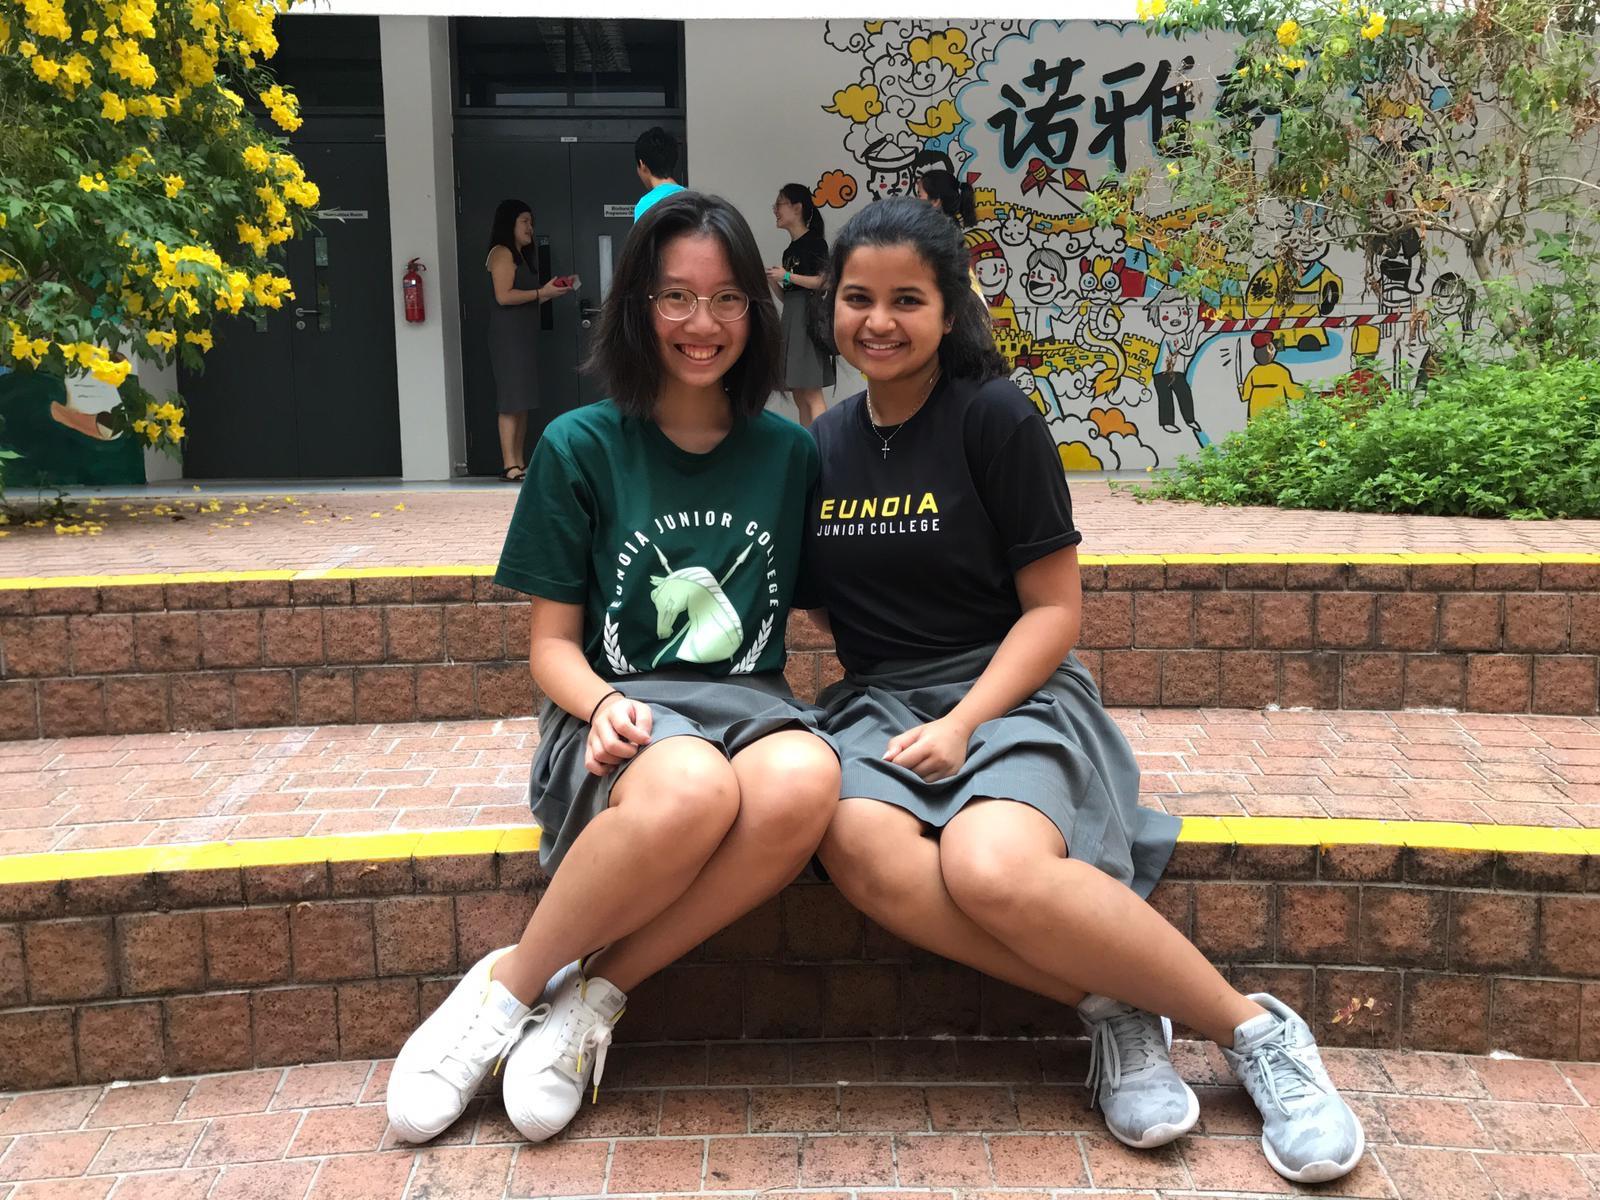 tien alyssa member bio photo